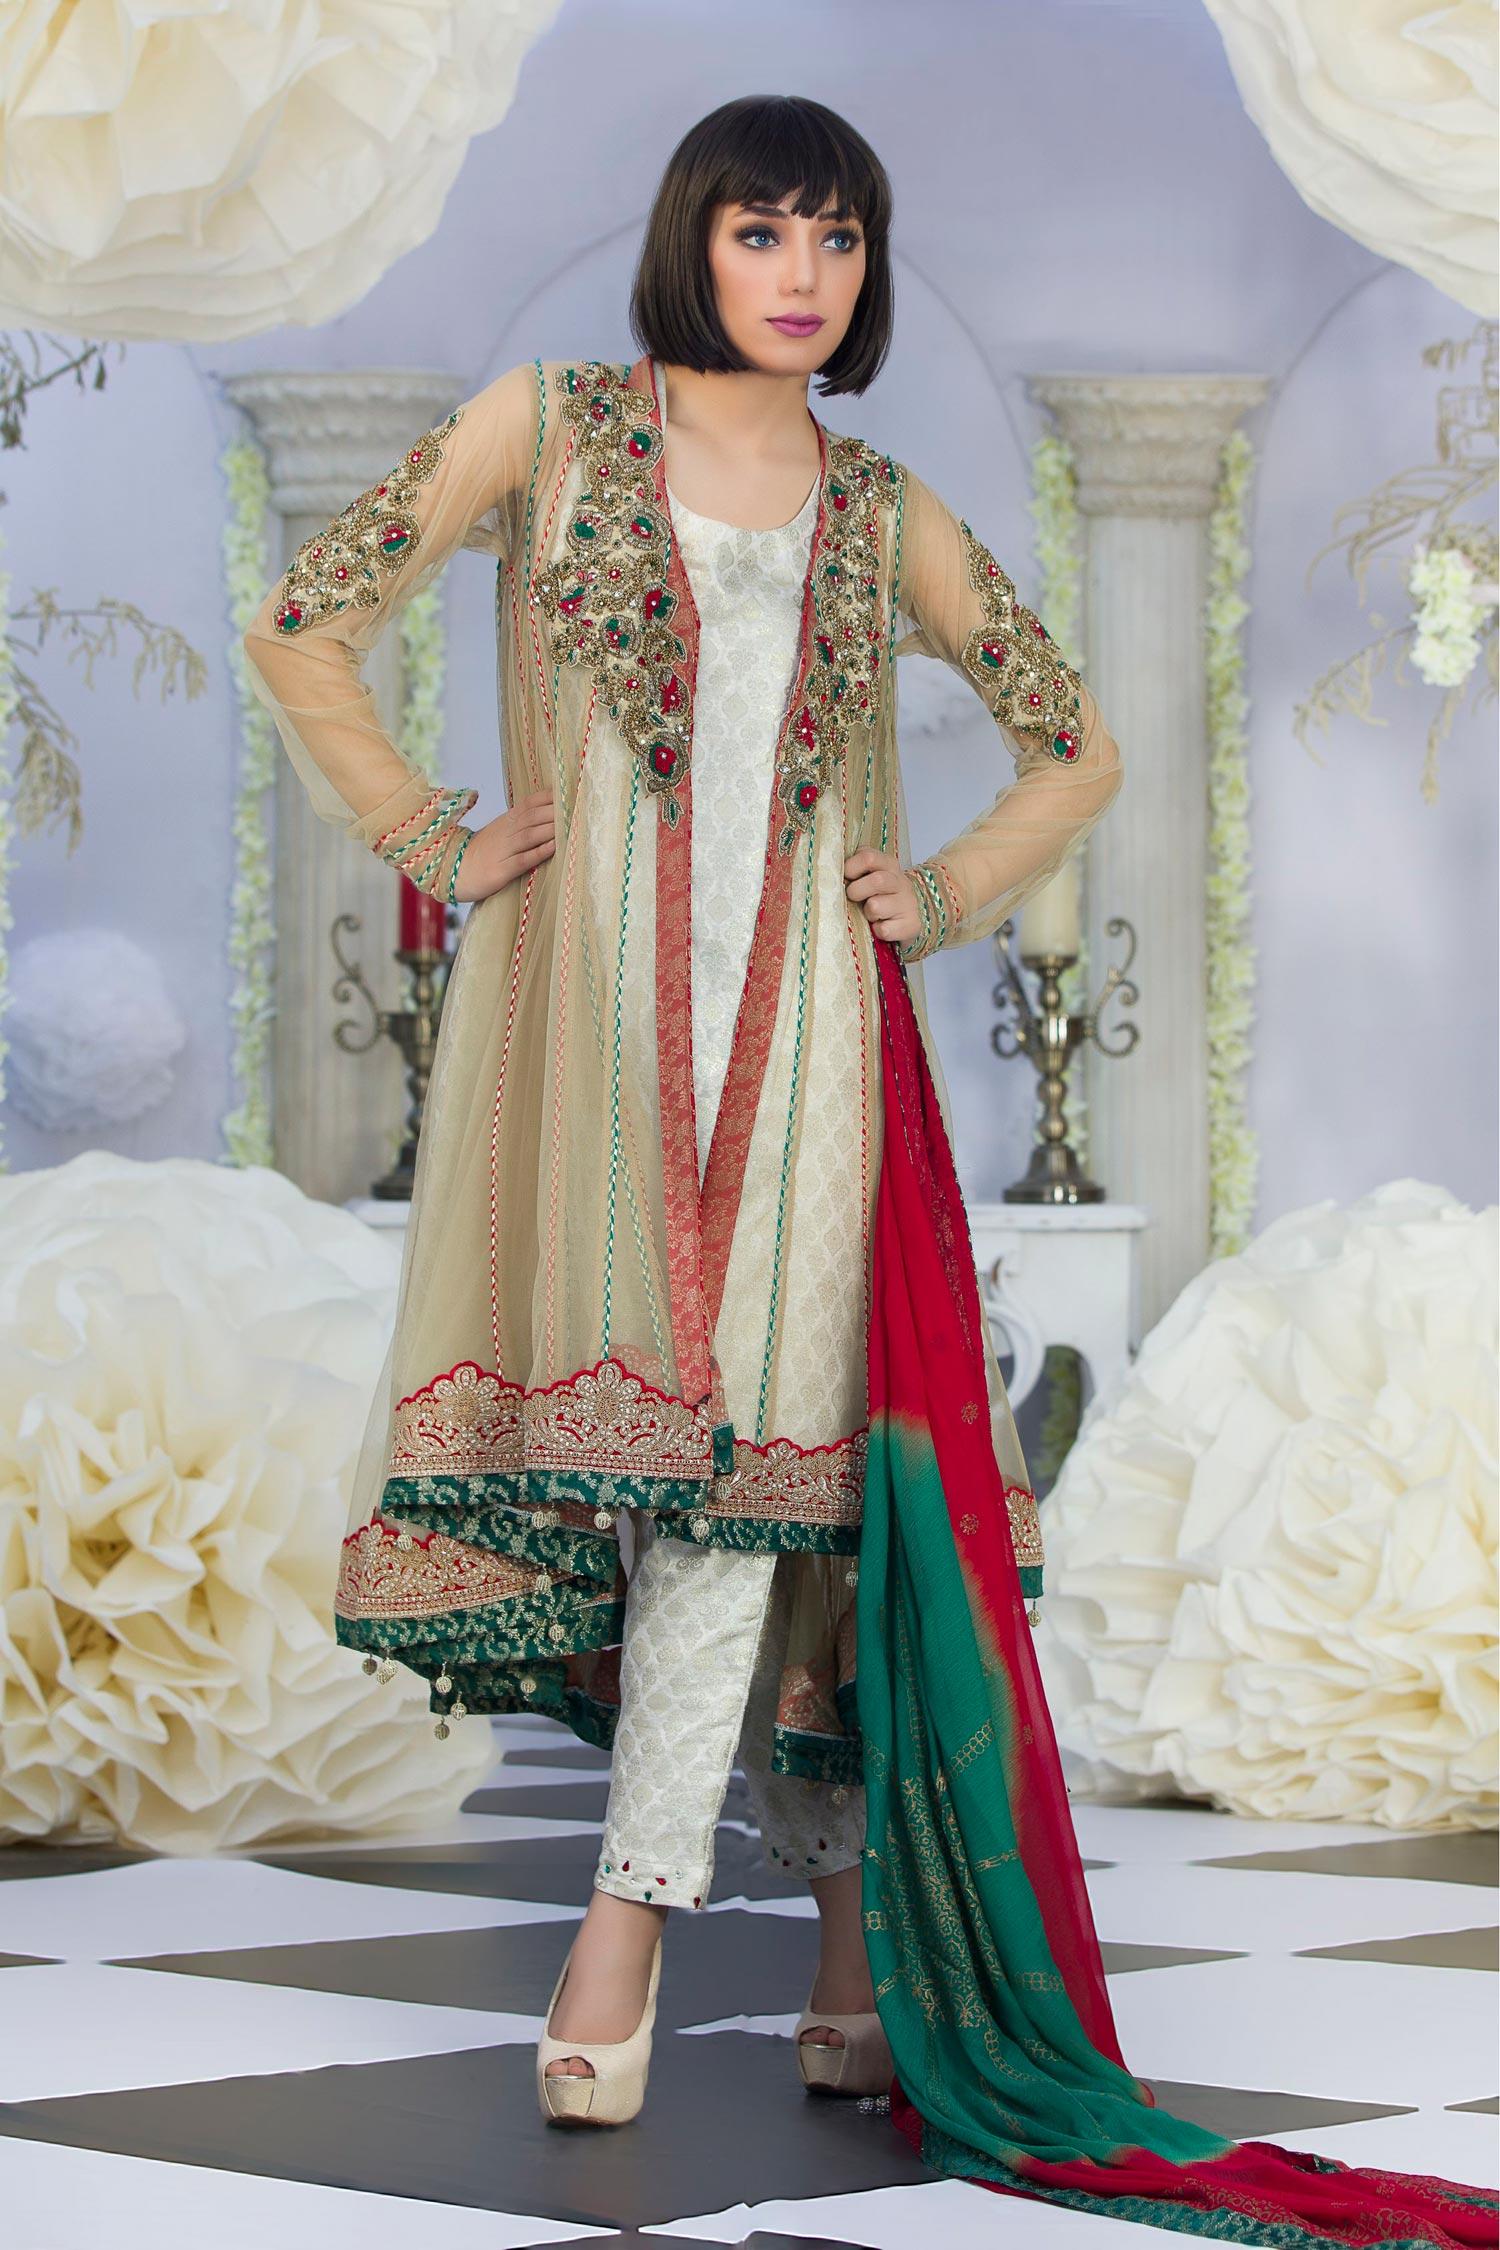 441da3dcc05 Exclusive Fawn Color Latest Design Party Dress - Exclusive Online ...